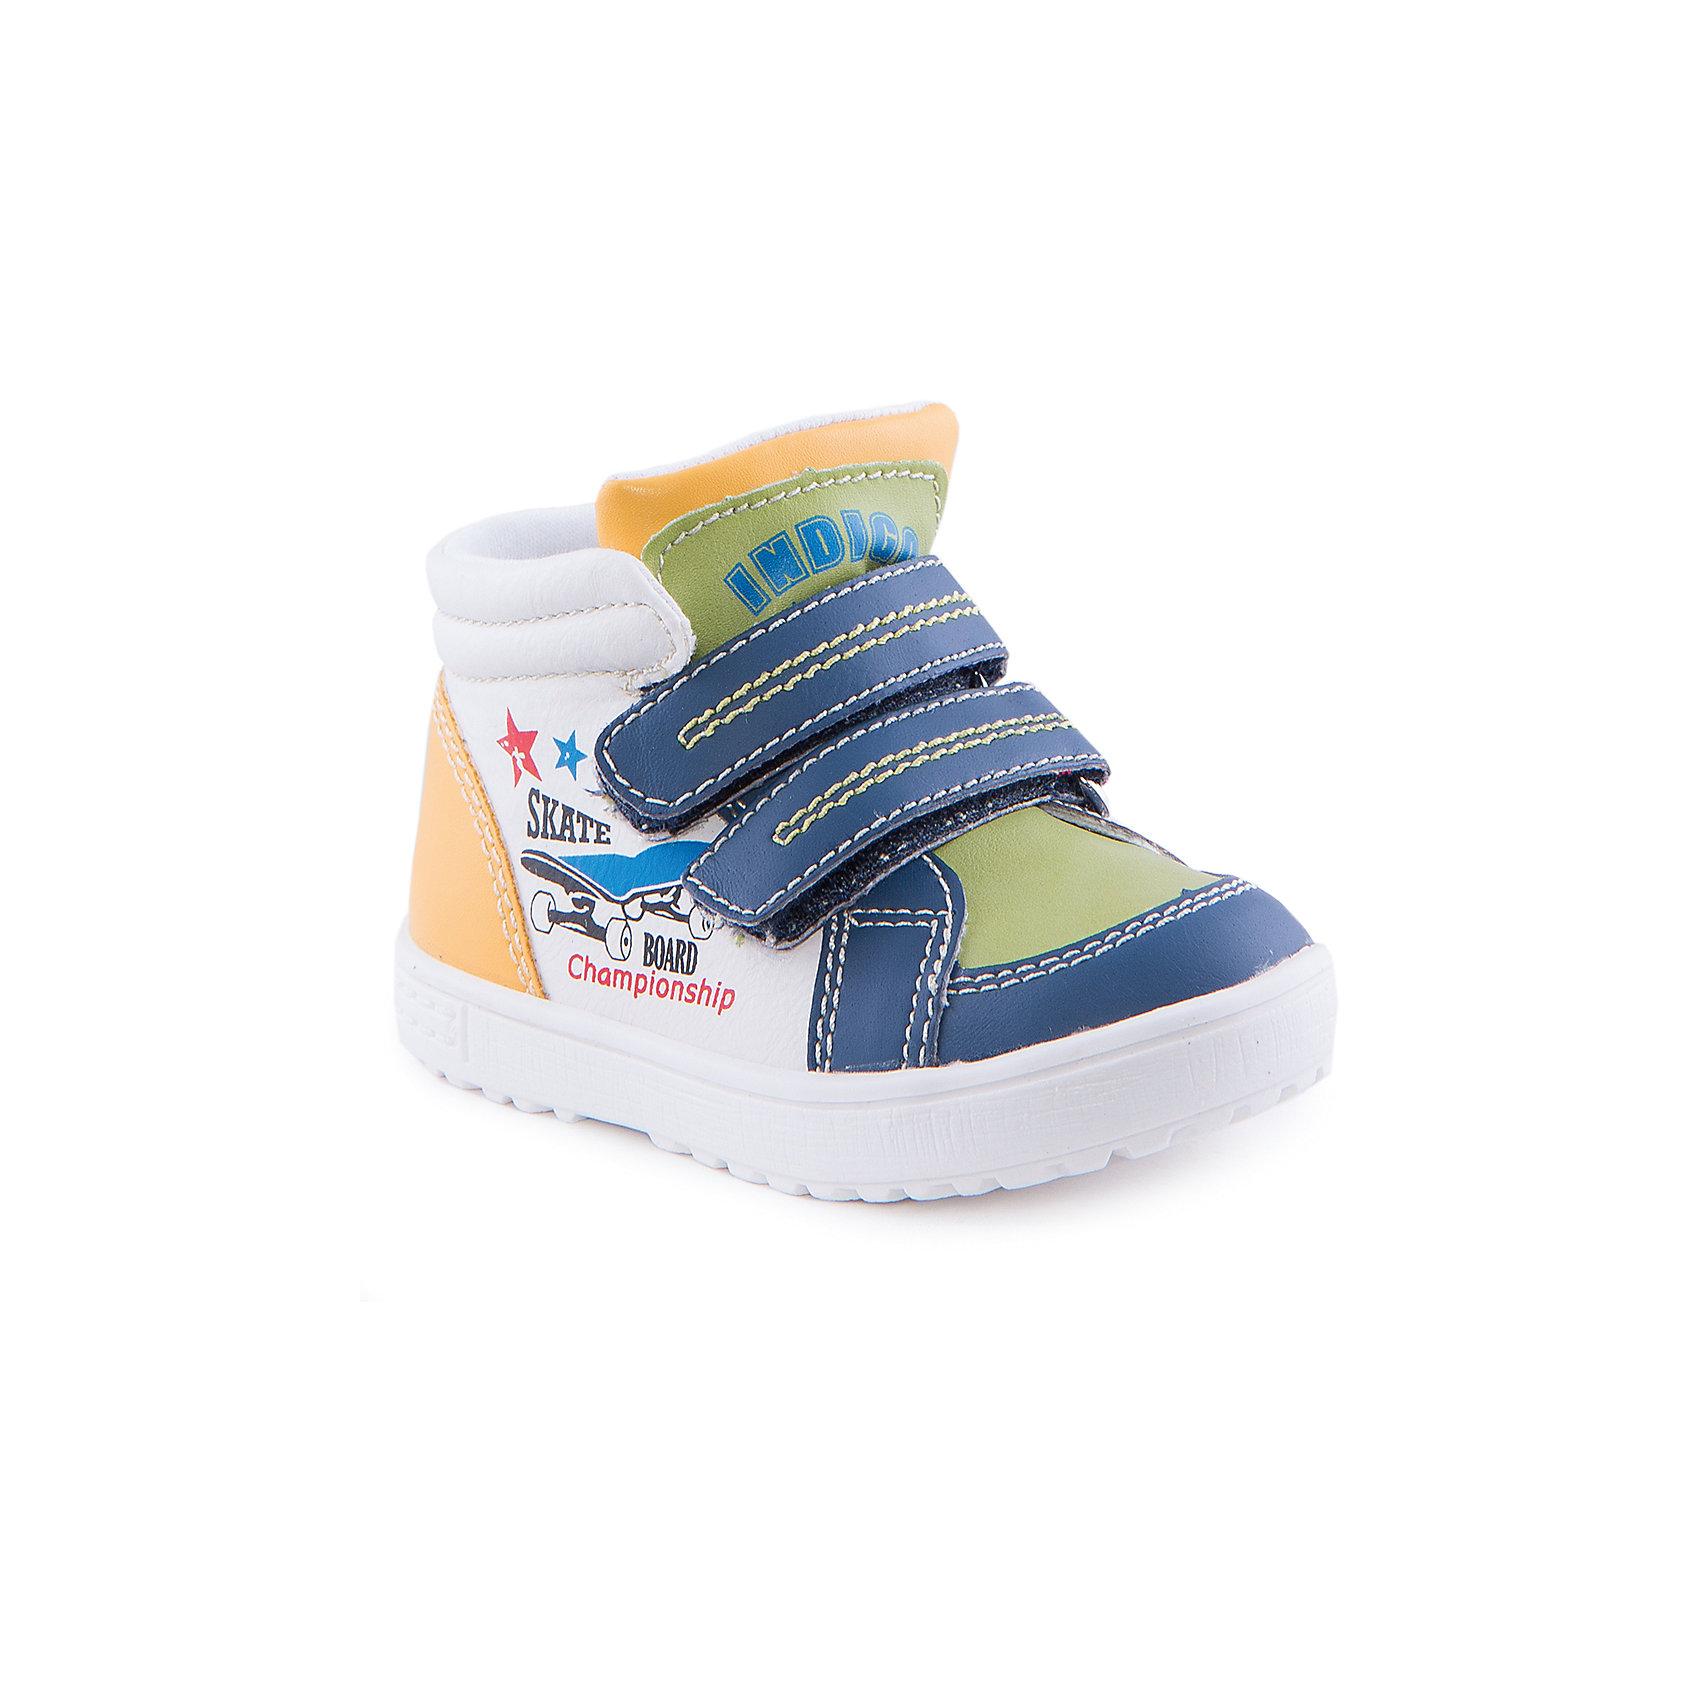 Ботинки для мальчика Indigo kidsБотинки<br>Ботинки для мальчика от известного бренда Indigo kids<br><br>Стильные и удобные ботинки отлично смотрятся на детских ножках. Очень оригинальная и модная модель создана специально для мальчиков. Ботинки легко надеваются благодаря застежкам и комфортно садятся по ноге. <br><br>Особенности модели:<br><br>- цвет - белый, синий, зеленый;<br>- стильный дизайн;<br>- удобная колодка;<br>- текстильная подкладка;<br>- качественная прострочка;<br>- декорированы принтом скейтборд;<br>- устойчивая белая подошва;<br>- застежки: липучки.<br><br>Дополнительная информация:<br><br>Температурный режим:<br>от +5° С до +15° С<br><br>Состав:<br><br>верх – искусственная кожа;<br>подкладка - текстиль;<br>подошва - ТЭП.<br><br>Ботинки для мальчика Indigo kids (Индиго Кидс) можно купить в нашем магазине.<br><br>Ширина мм: 262<br>Глубина мм: 176<br>Высота мм: 97<br>Вес г: 427<br>Цвет: белый<br>Возраст от месяцев: 15<br>Возраст до месяцев: 18<br>Пол: Мужской<br>Возраст: Детский<br>Размер: 22,21,24,25,26,23<br>SKU: 4520062